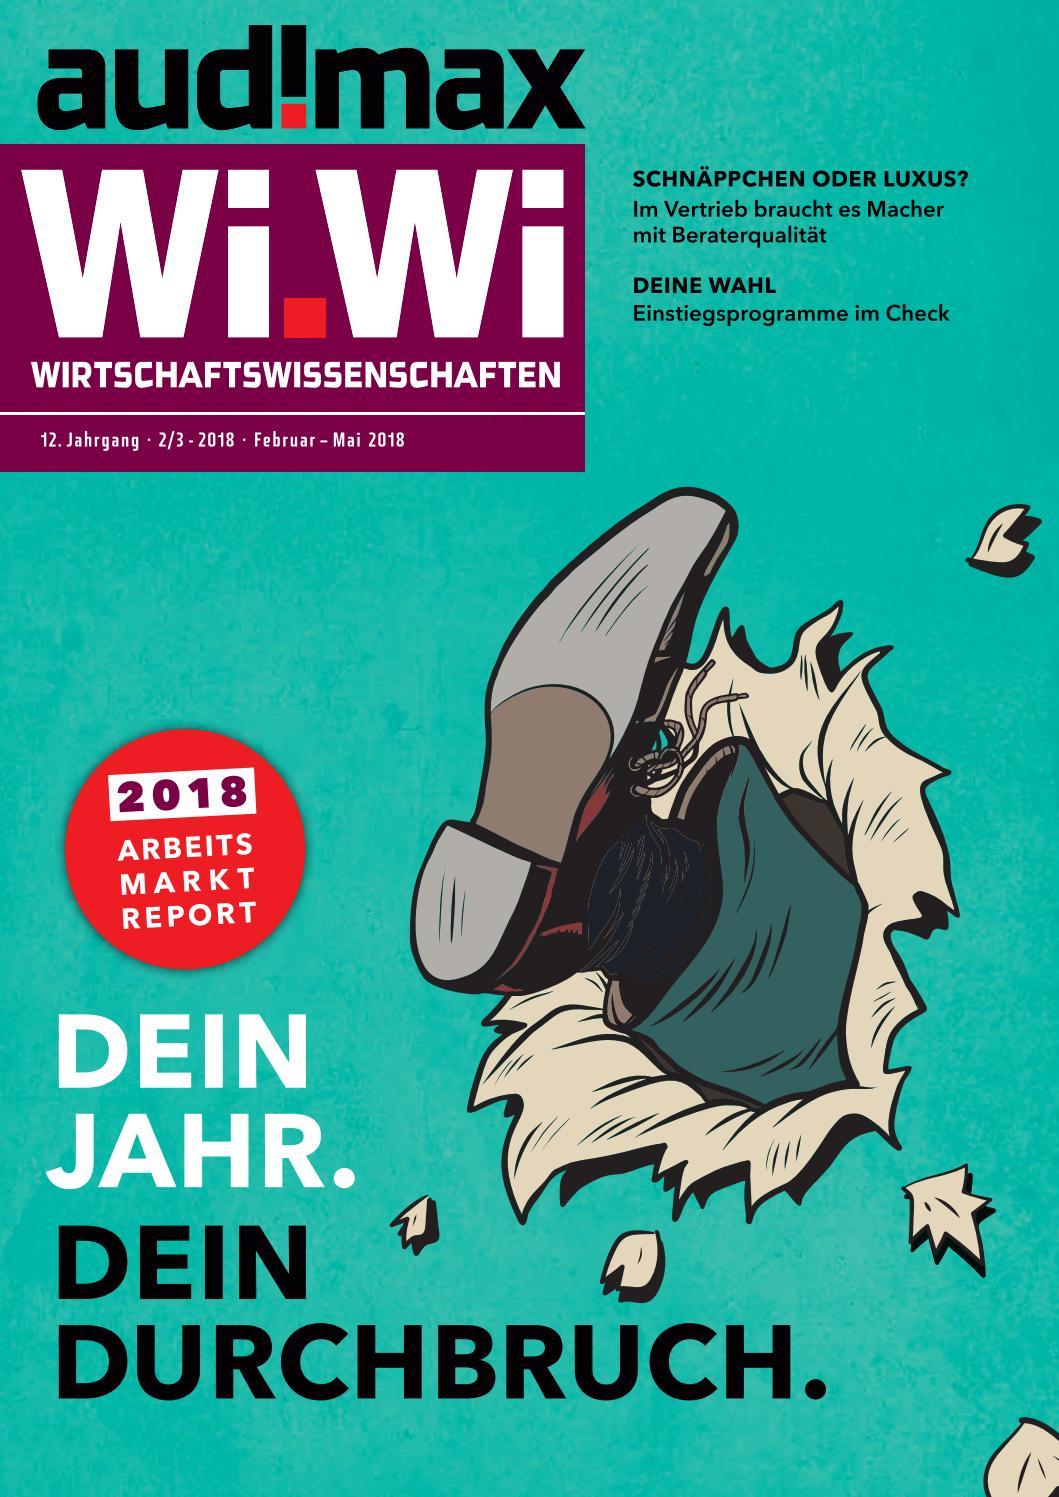 audimax Wi.Wi 2_3/2018 - Karrieremagazin für Wirtschaftswissenschaftler by  audimax MEDIEN - issuu